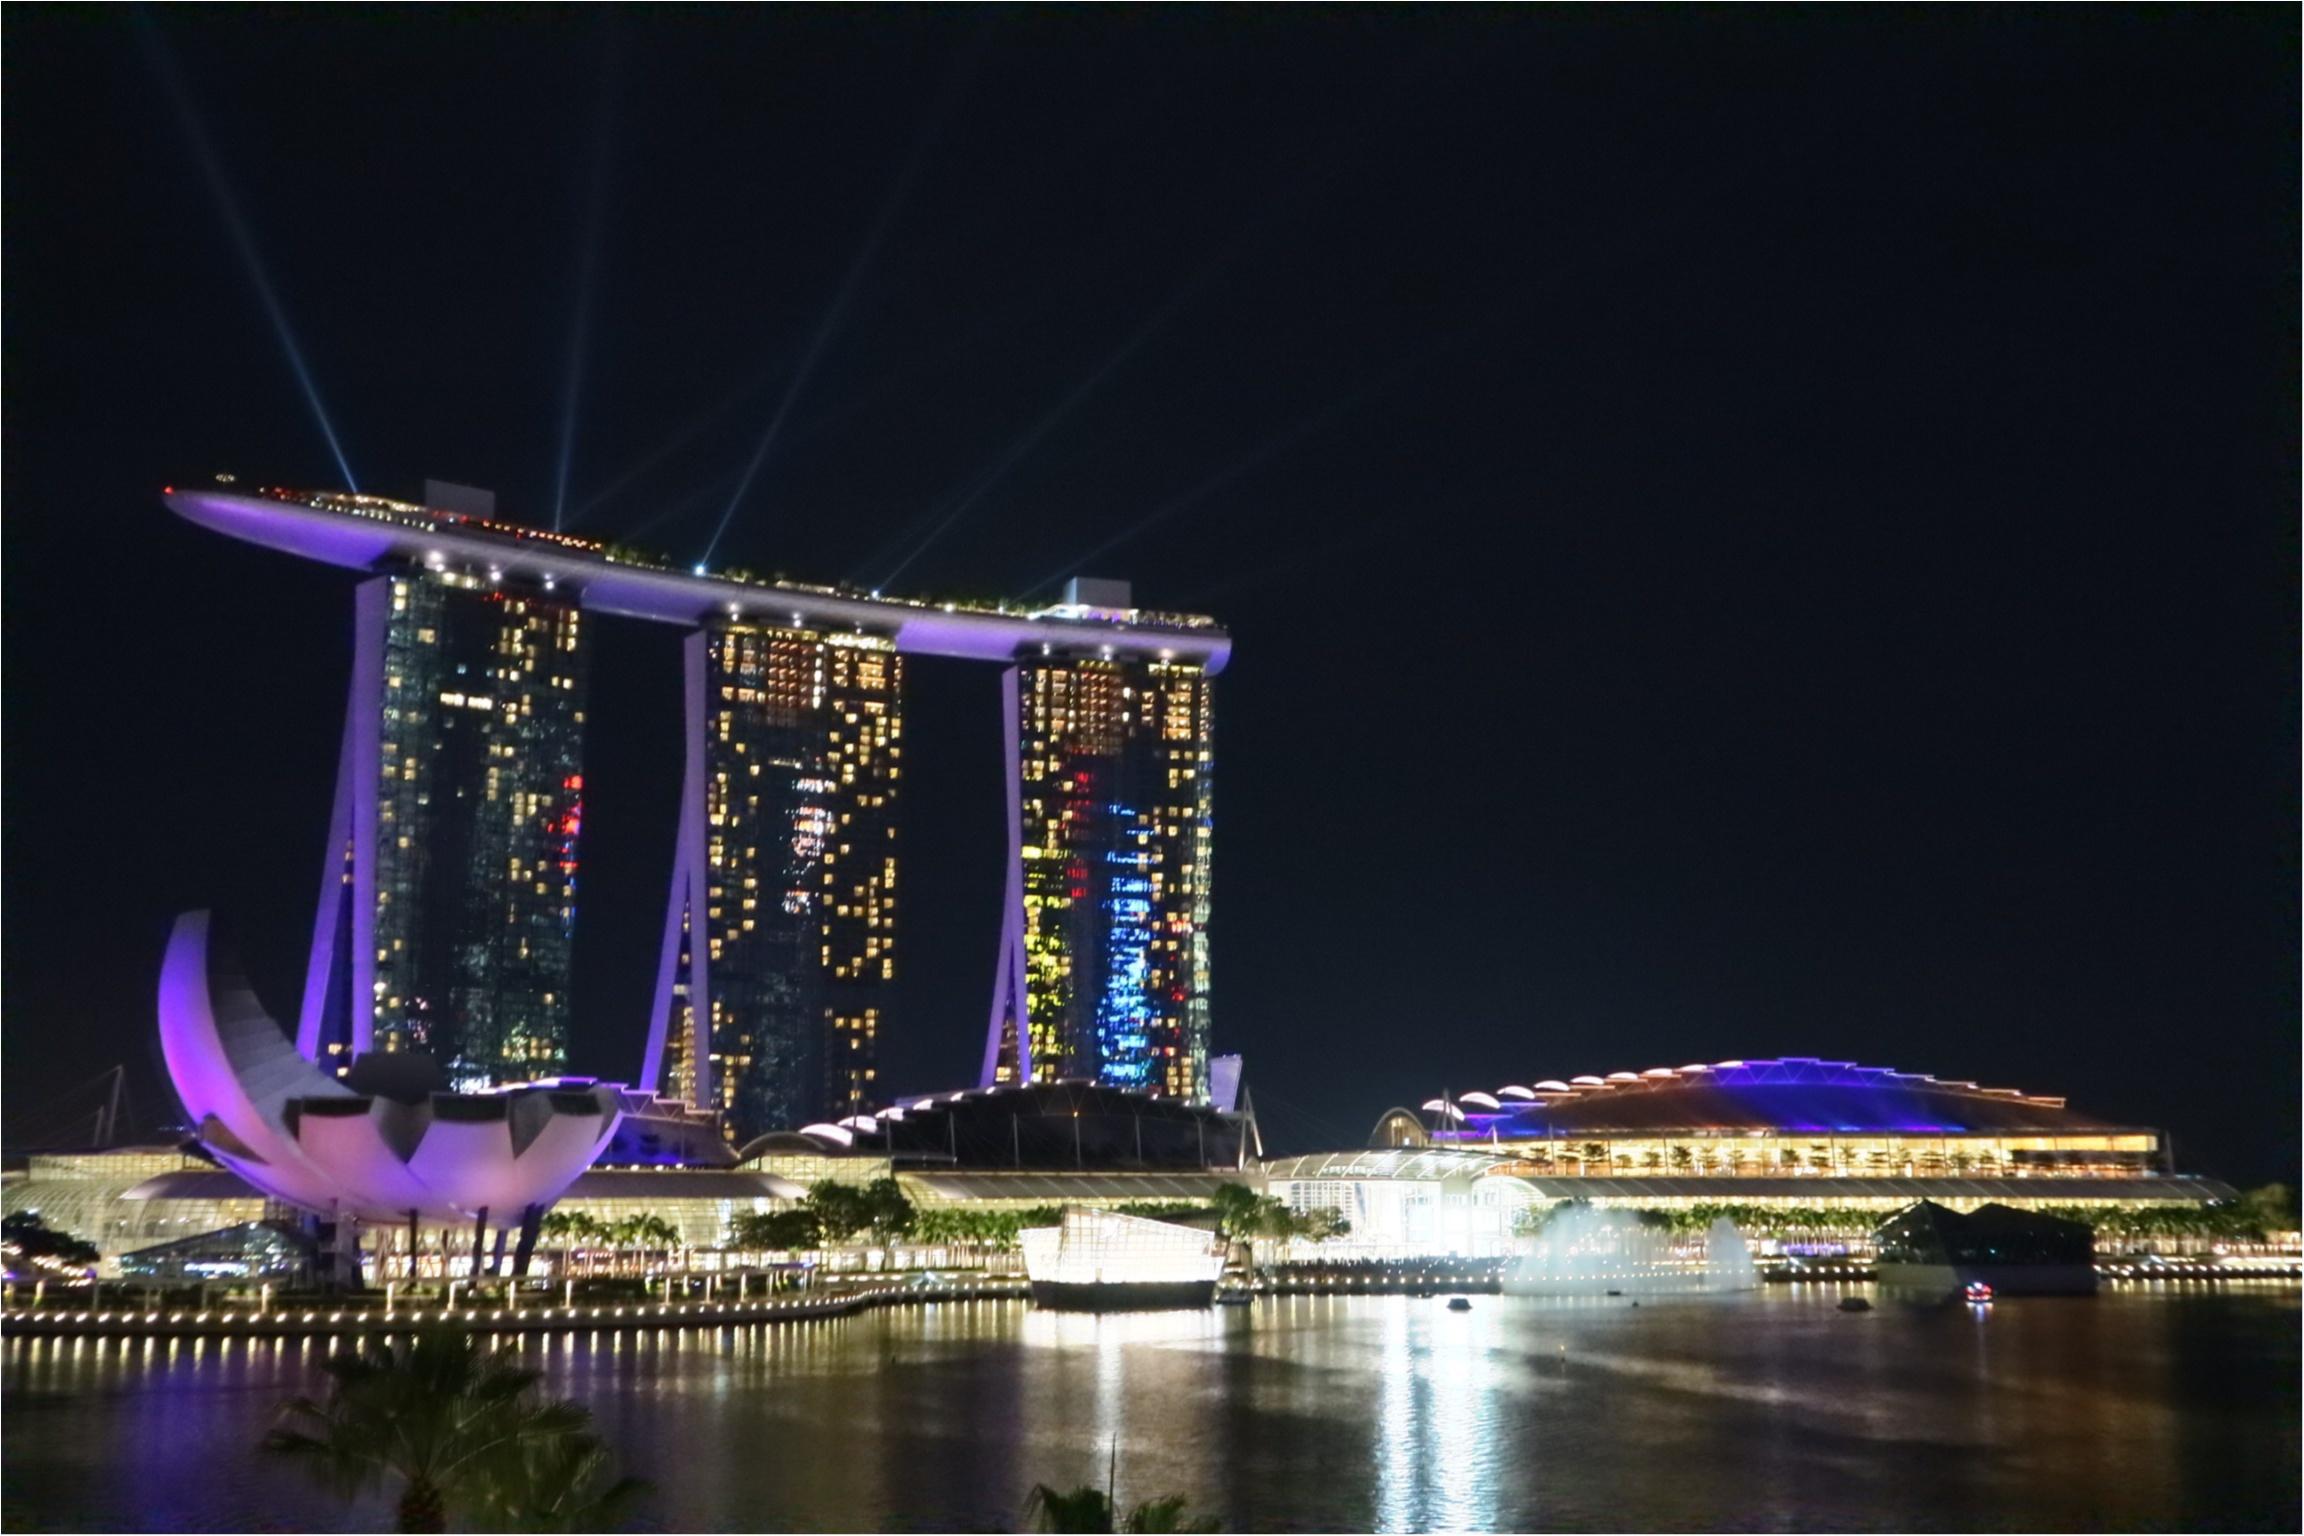 最高の女子旅ならここ。欲張り女子の望みを全部叶えてくれるシンガポール♡1度は見てみたい!絶景スポット編☻_5